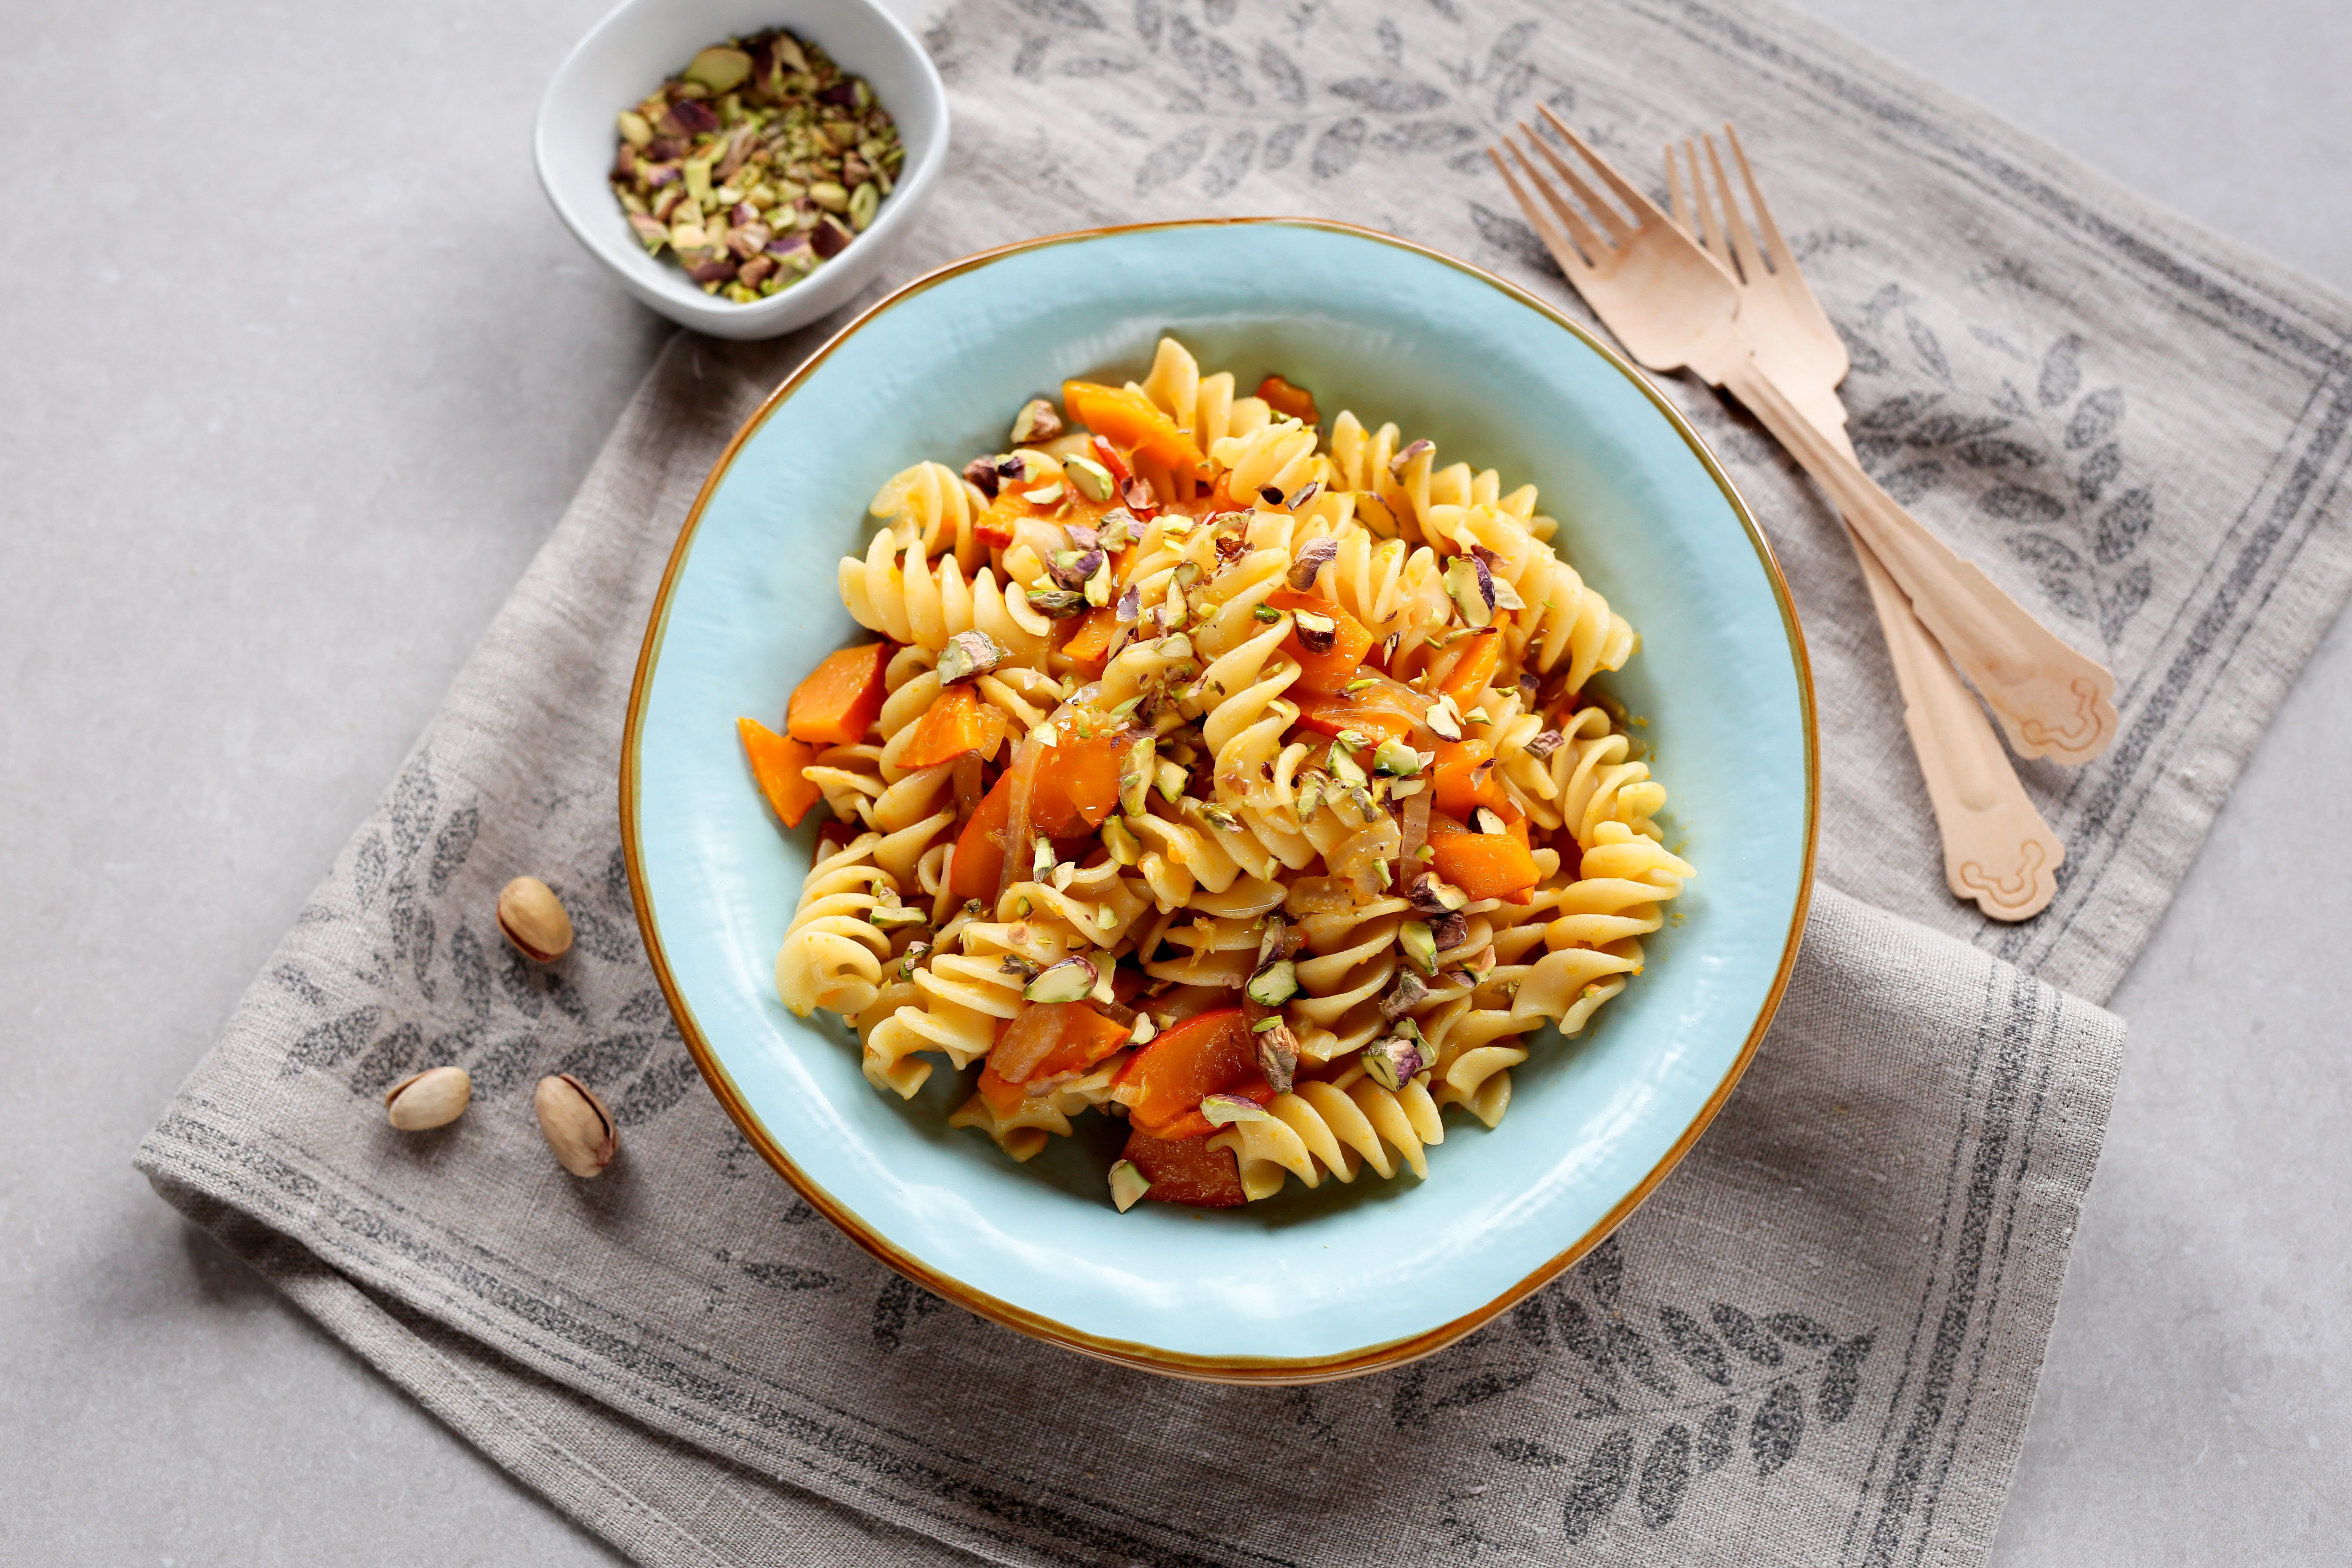 Fusilli con zucca e pistacchi: la ricetta del piatto perfetto per l'autunno